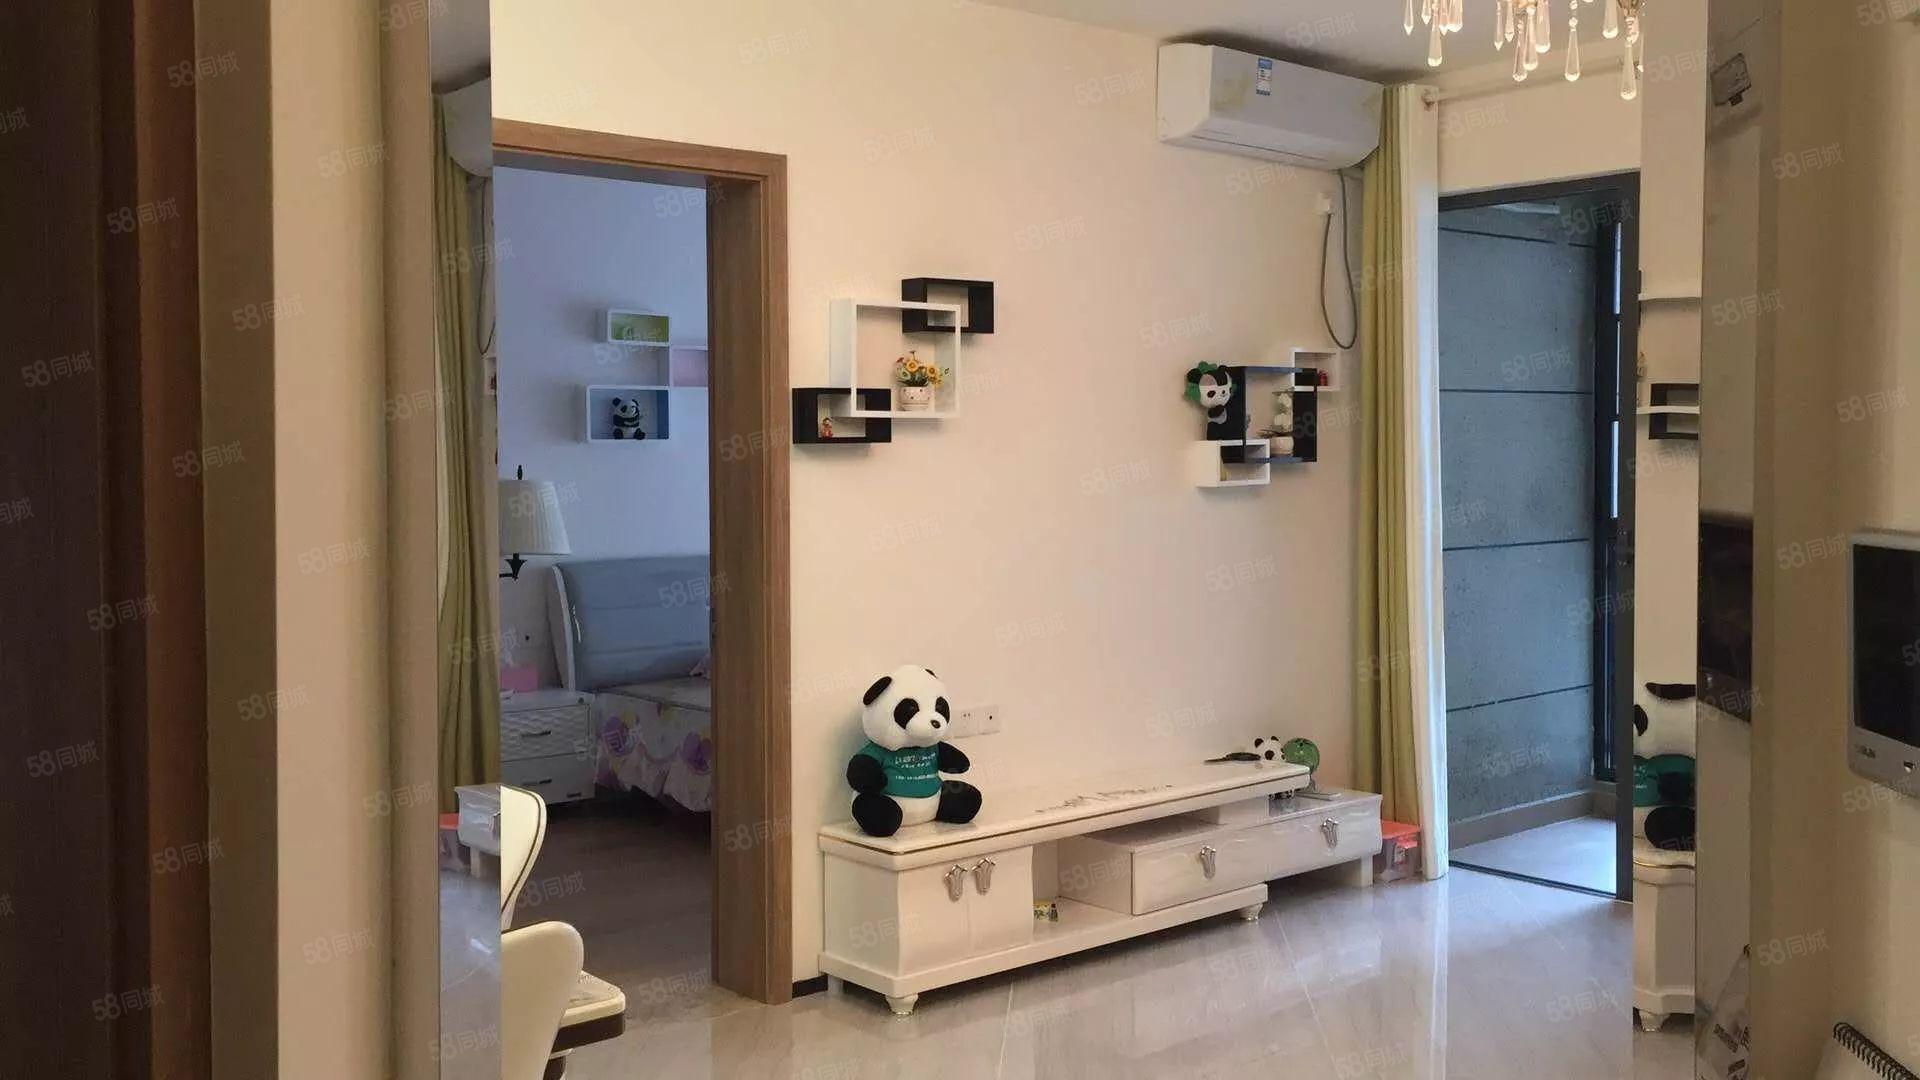 恒大名都公寓家具家电齐全拎包入住看房方便房东人很好!